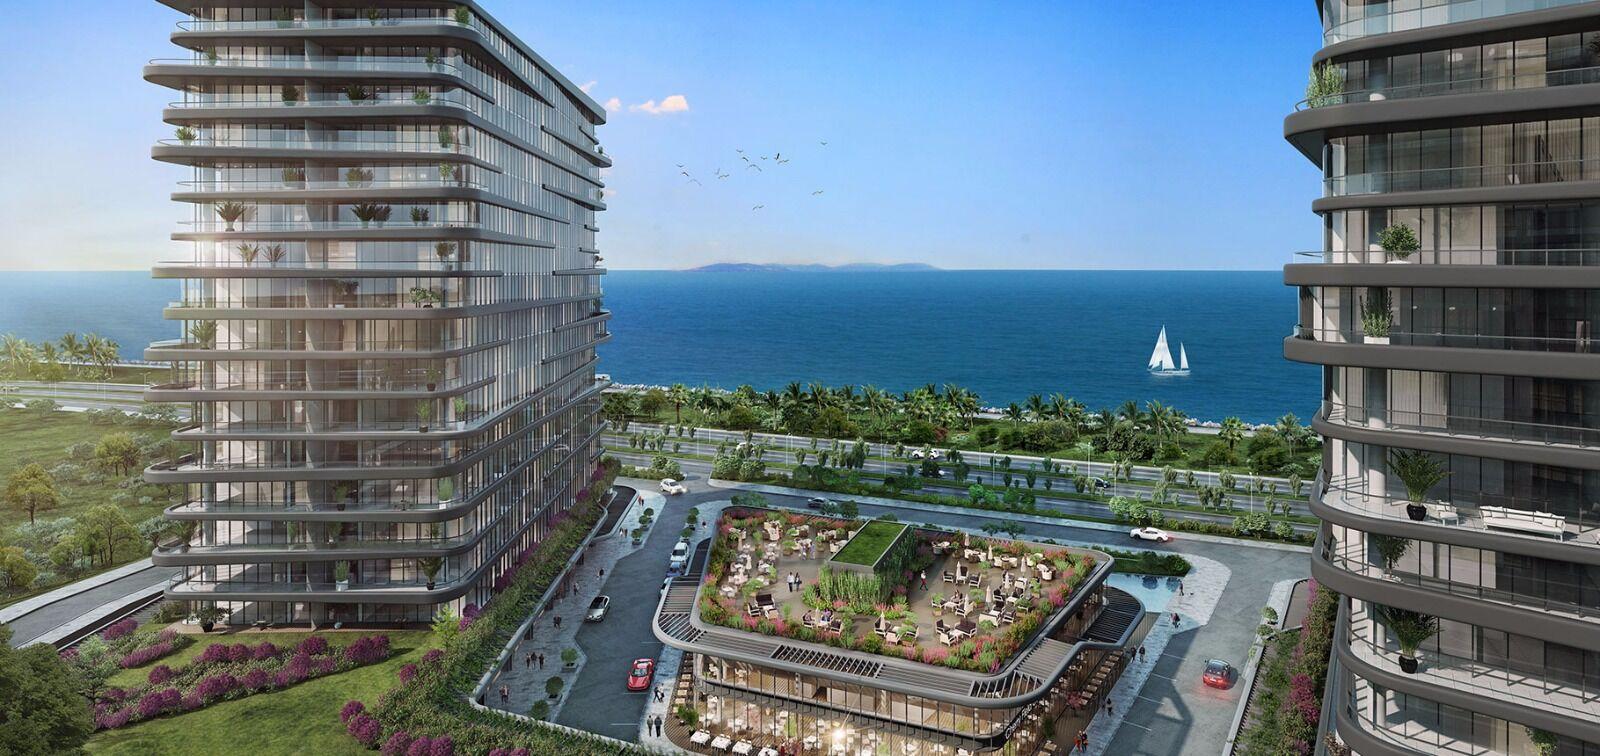 الاستثمار العقاري  المثالي في اسطنبول: لماذا تختار منطقة زيتون بورنو ومشروع يدي مافي؟